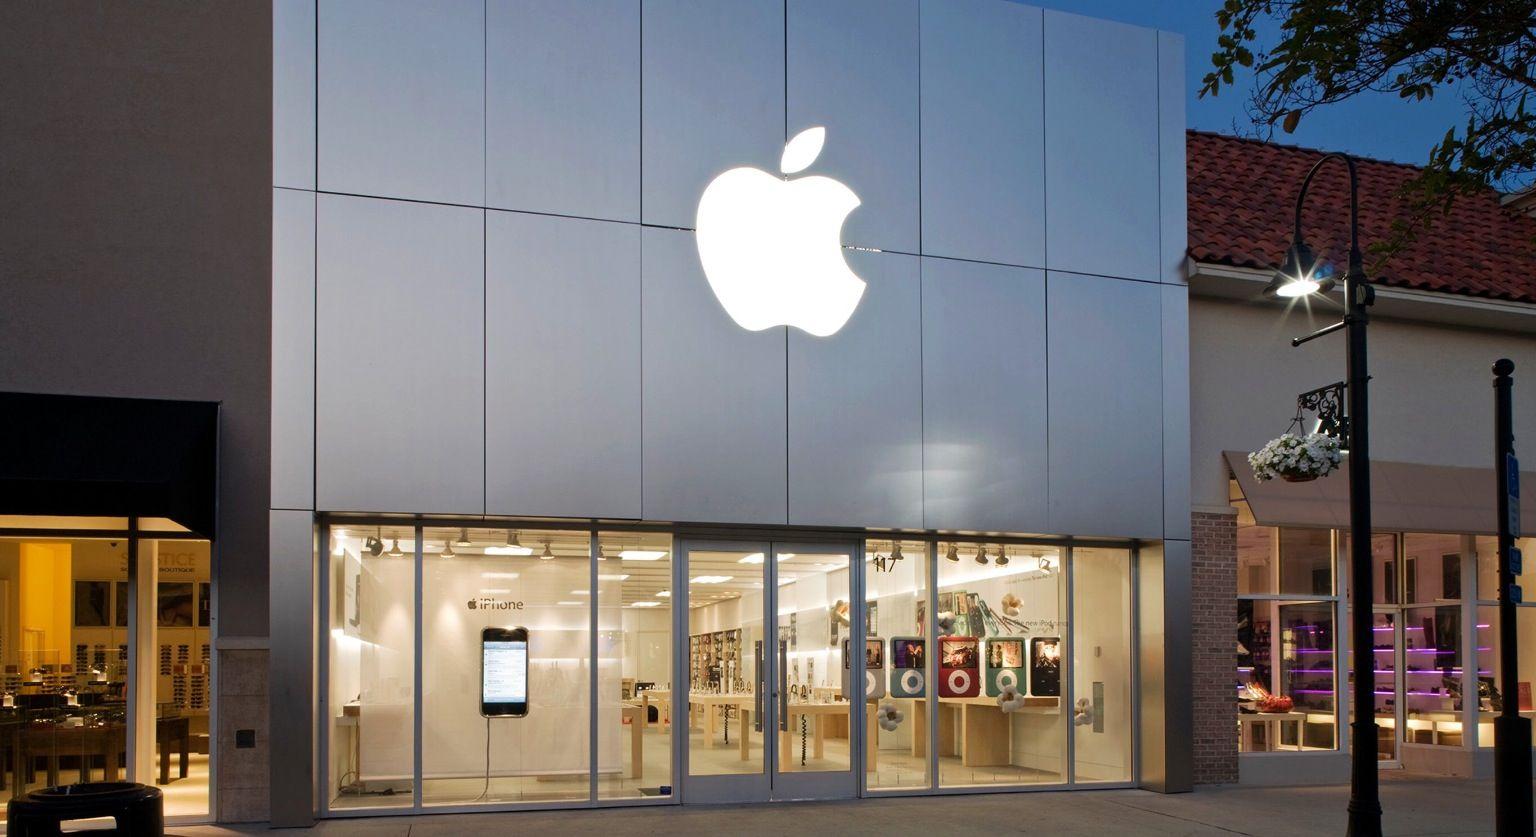 Apple store at st johns town center jacksonville fl